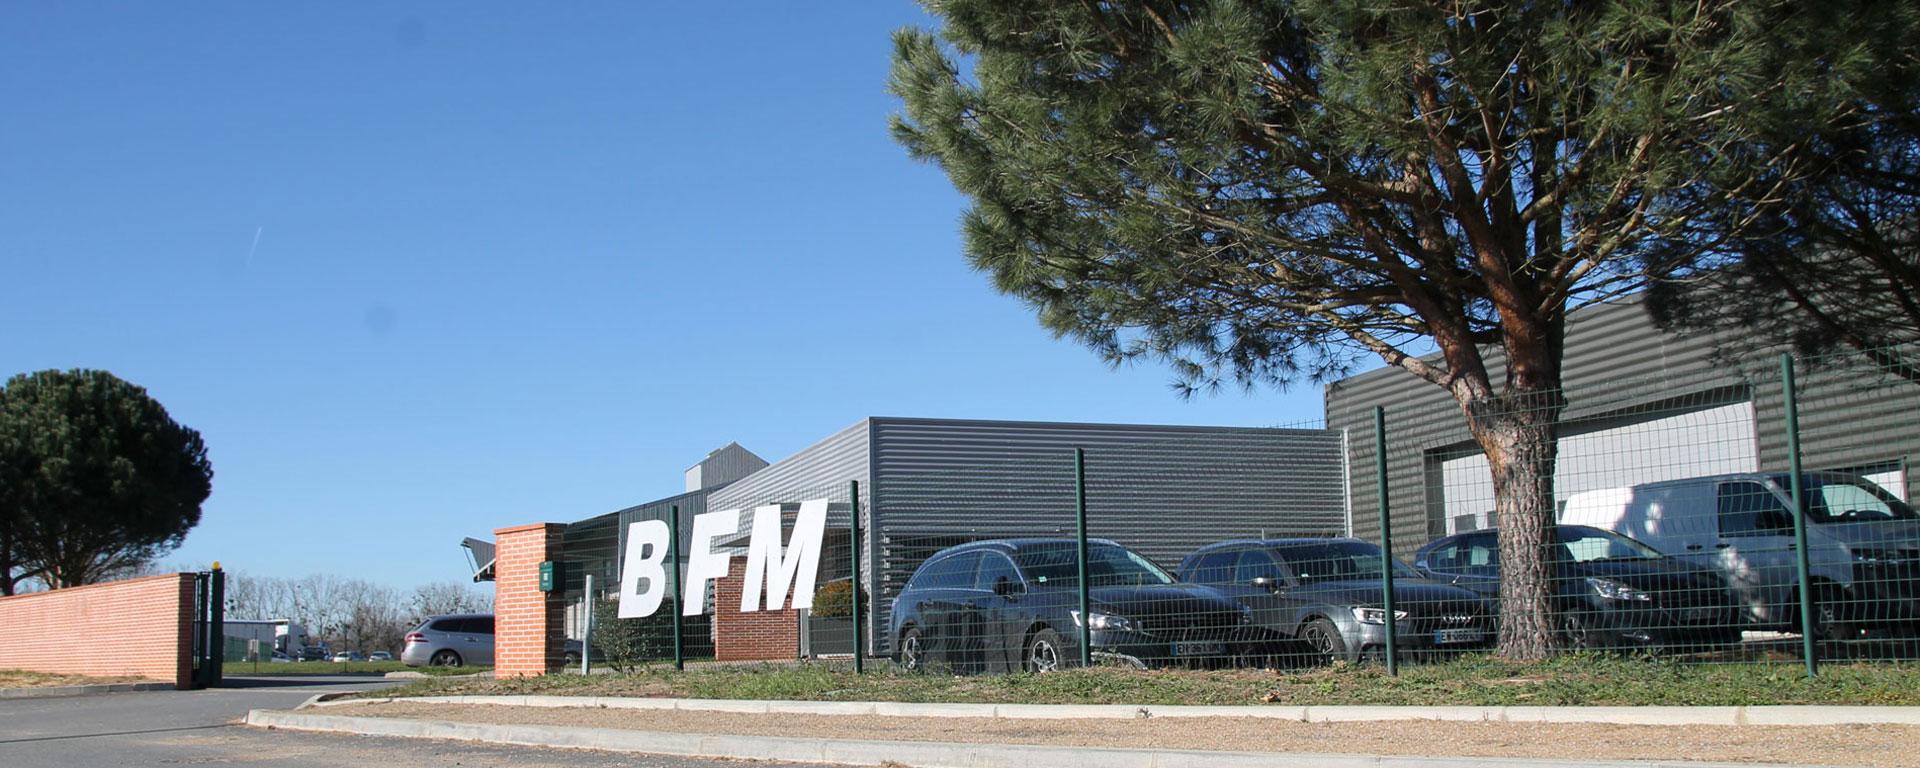 Locaux de l'entreprise BFM - vue exterieure